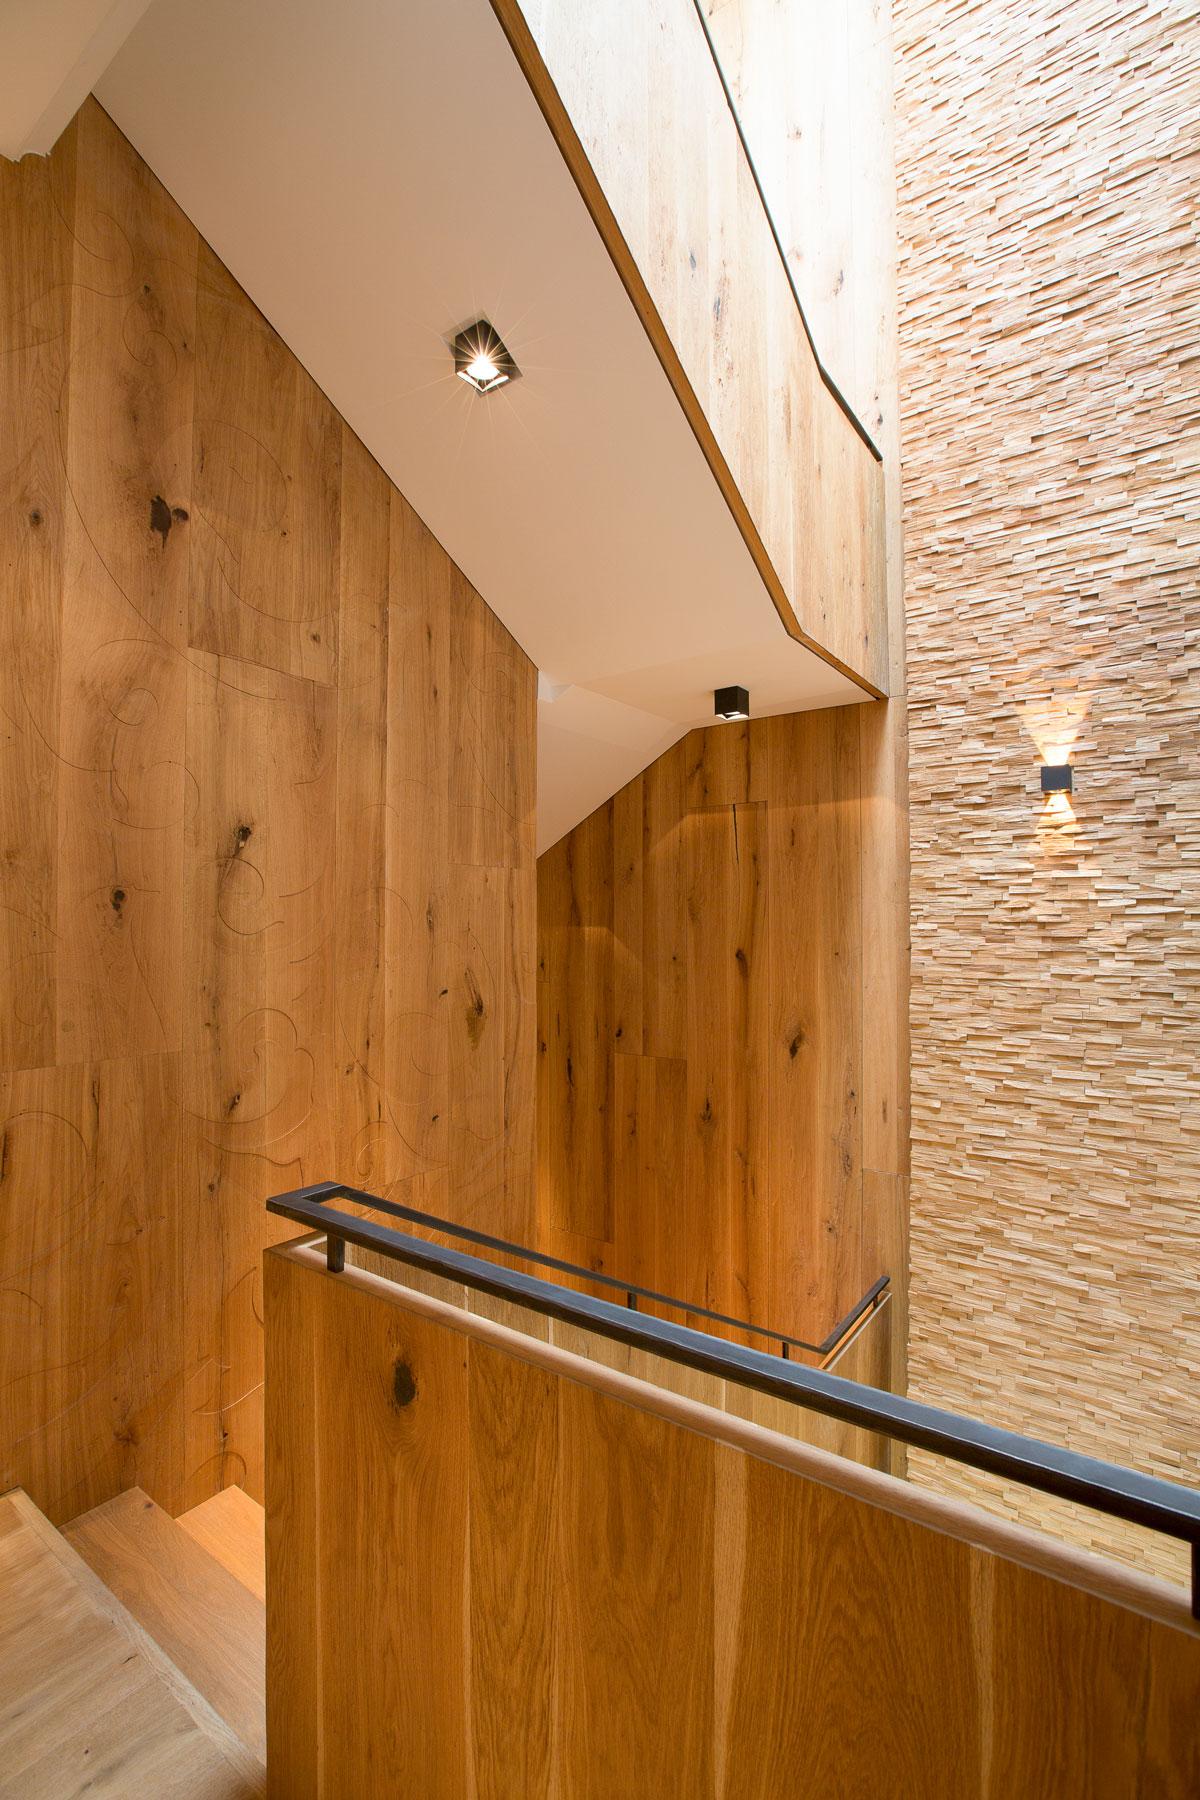 Tischlerei-Decker-Stiegenhaus